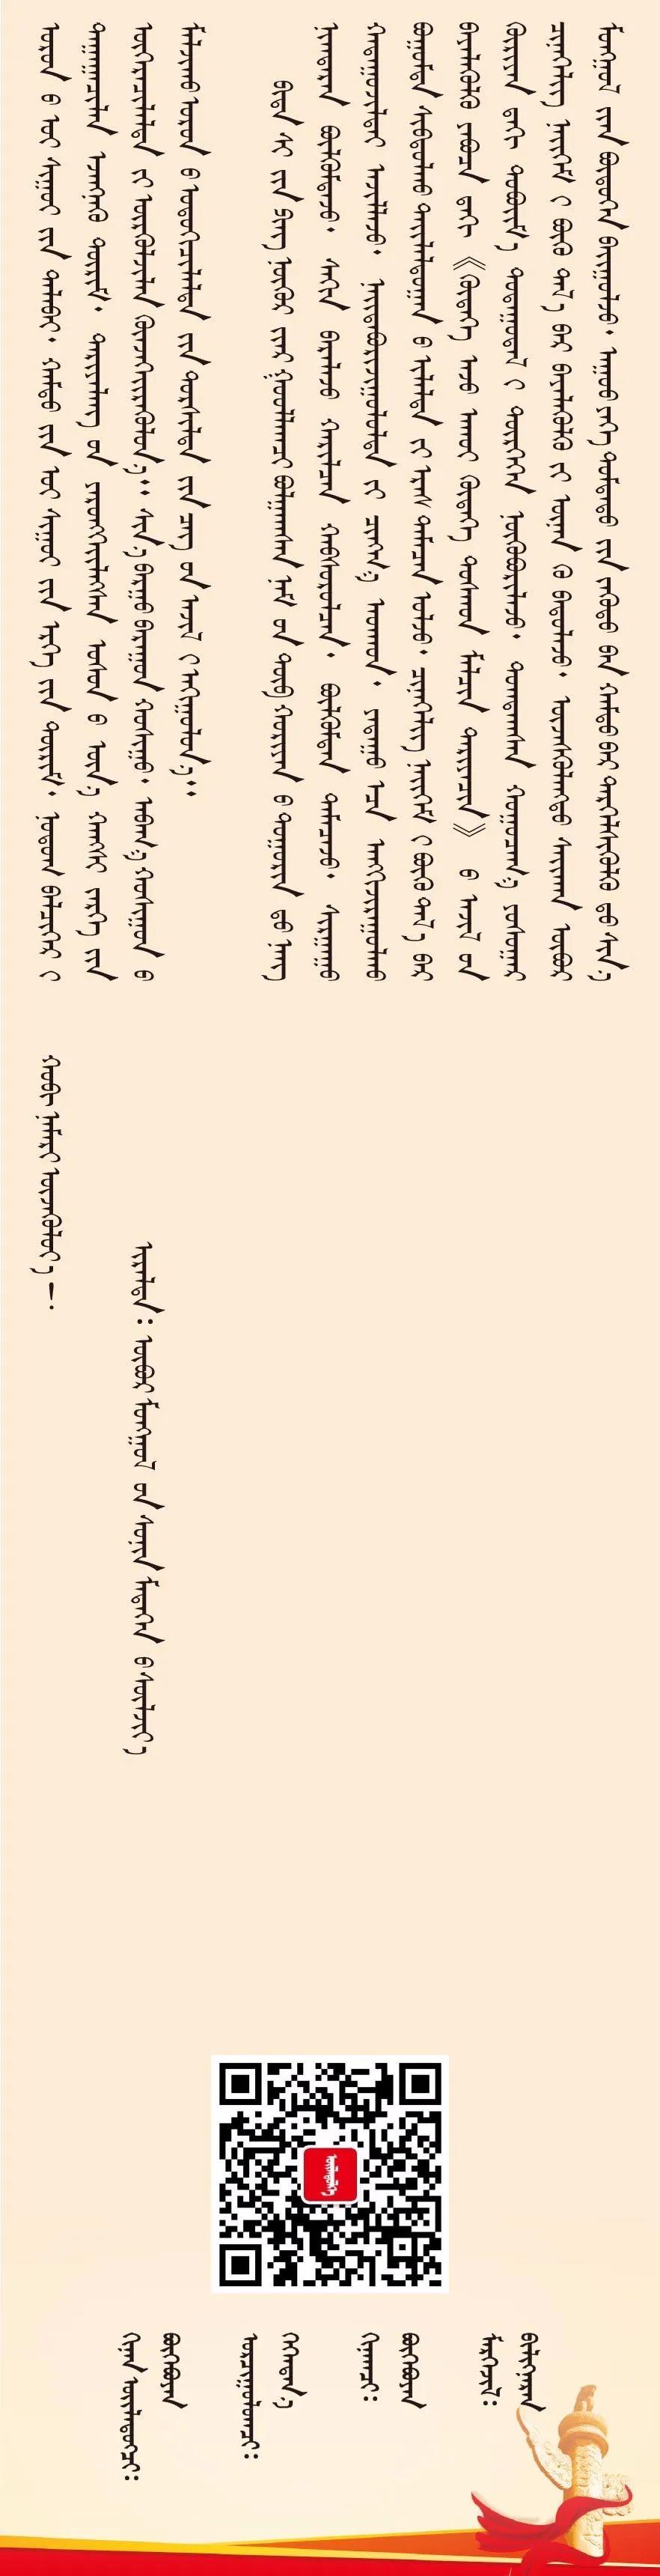 【重磅】蒙古文版《实施意见》(全文)来了 第17张